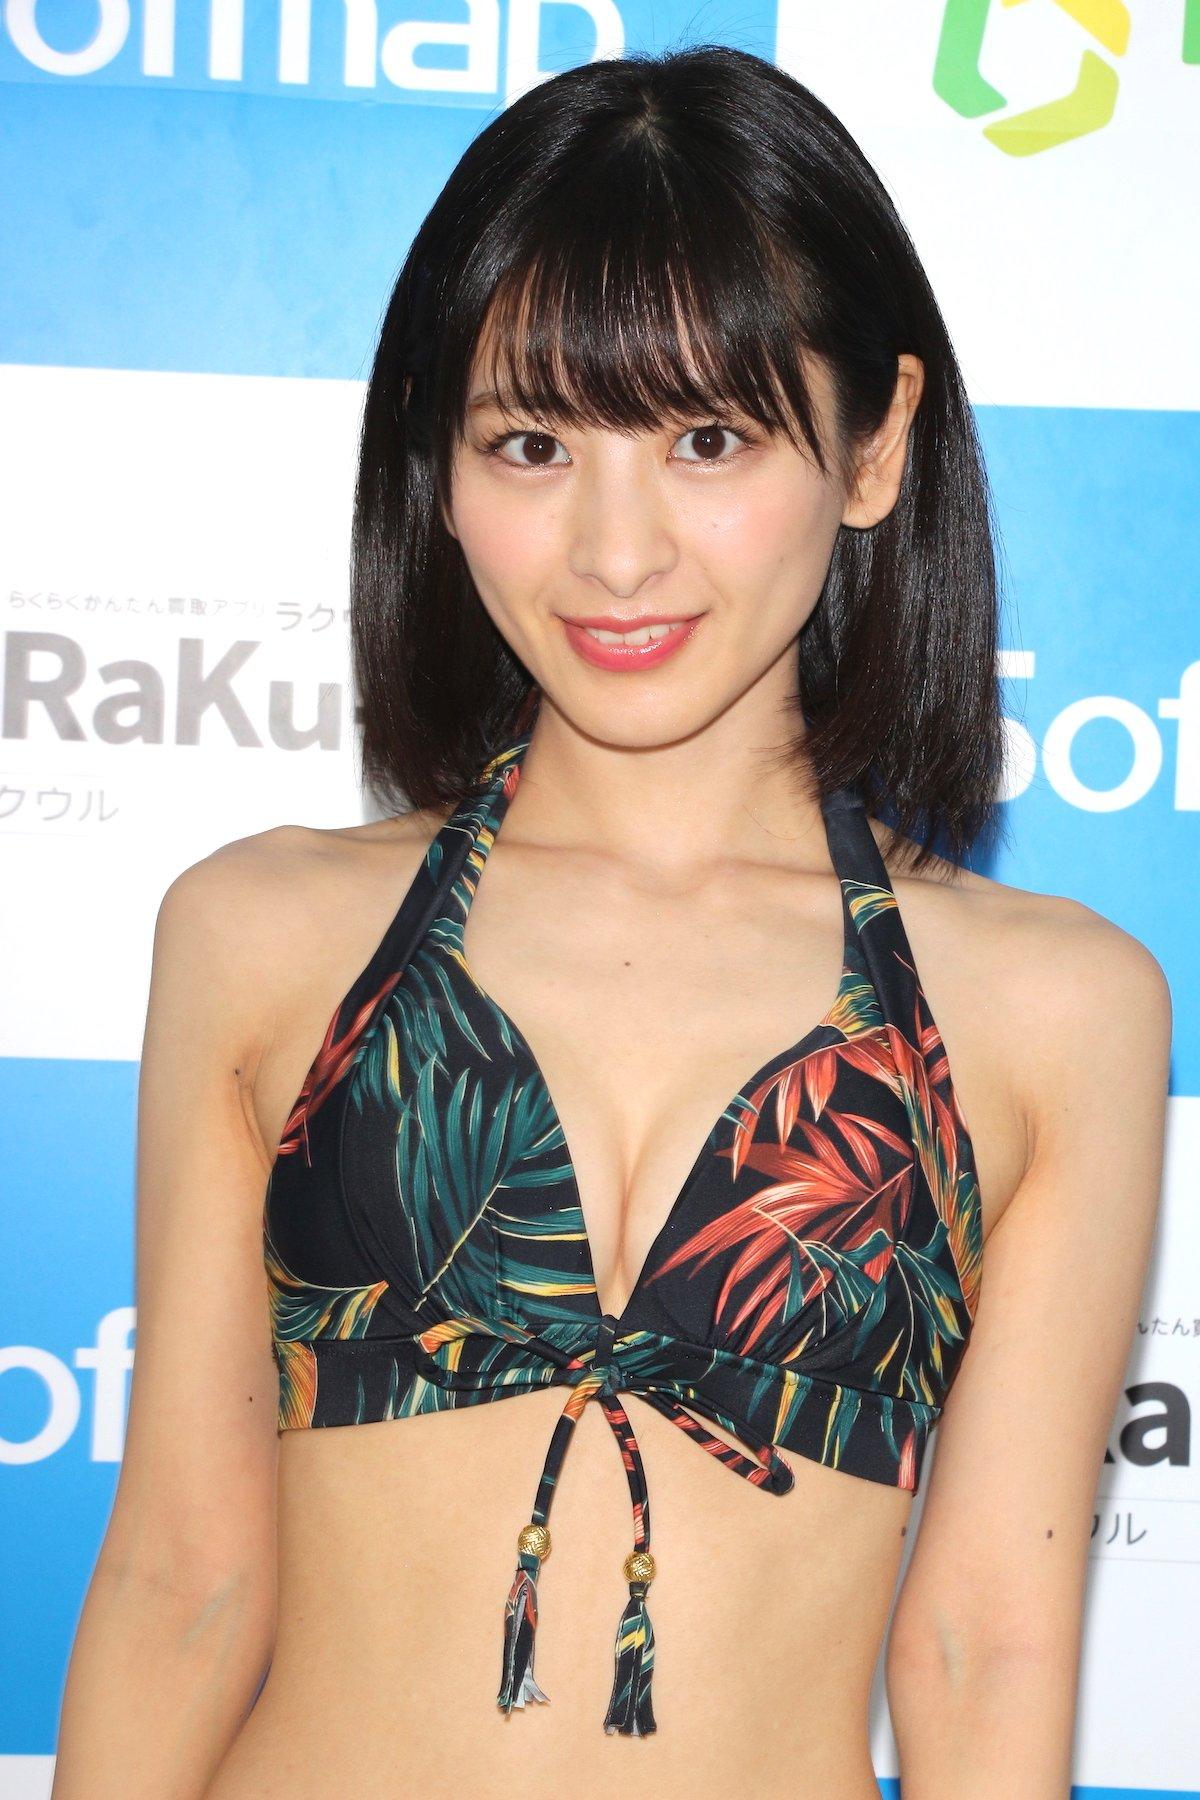 牧野澪菜「144cmのセクシーボディ」スクール水着でやらかしちゃった【画像61枚】の画像016